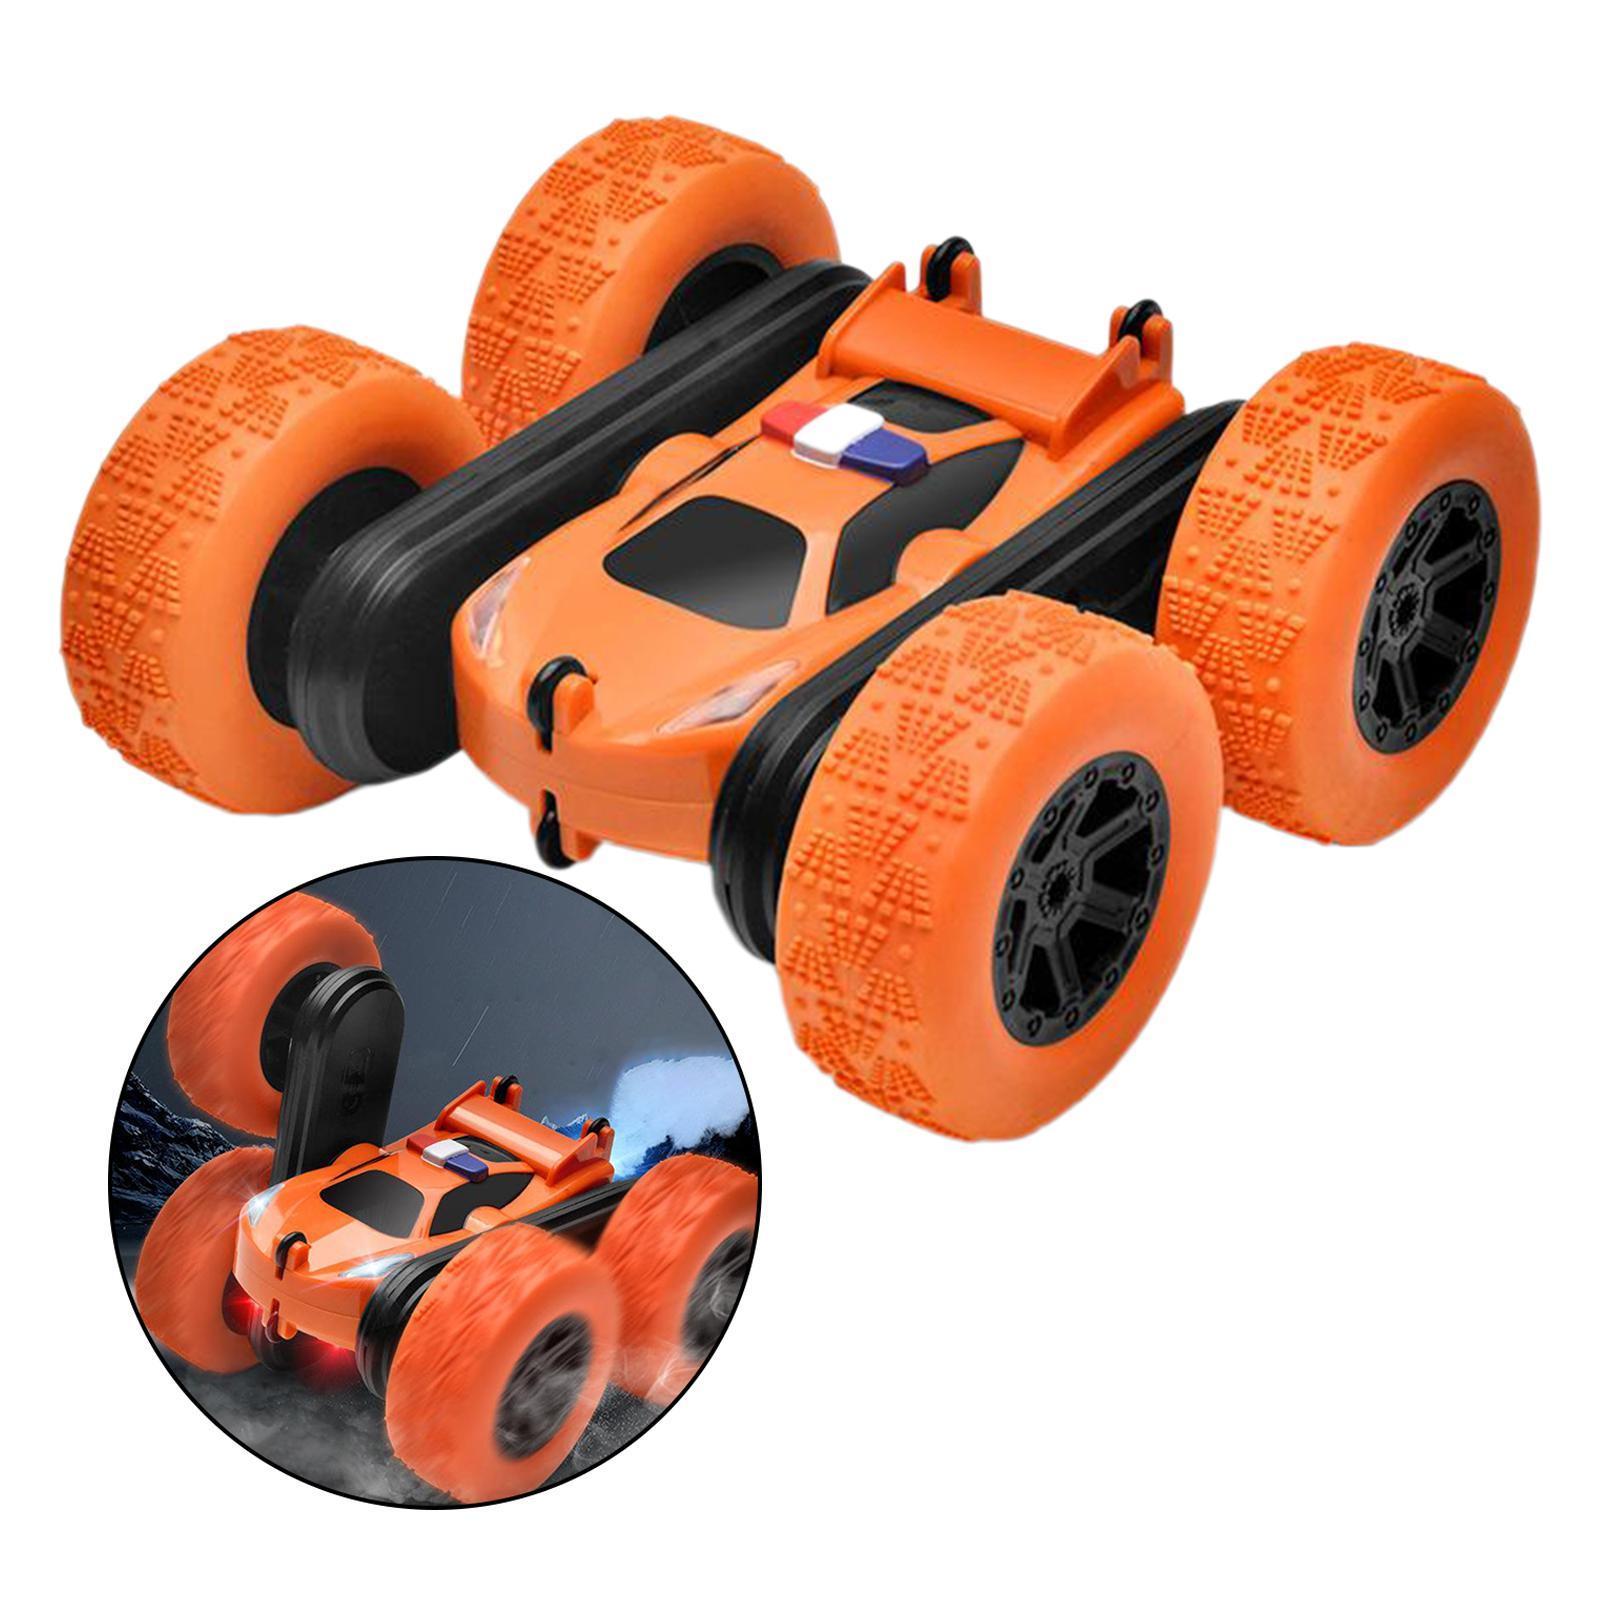 miniatura 43 - Telecomando Auto Stunt Car Giocattolo Per Bambini 2.4GHz di Controllo Remoto